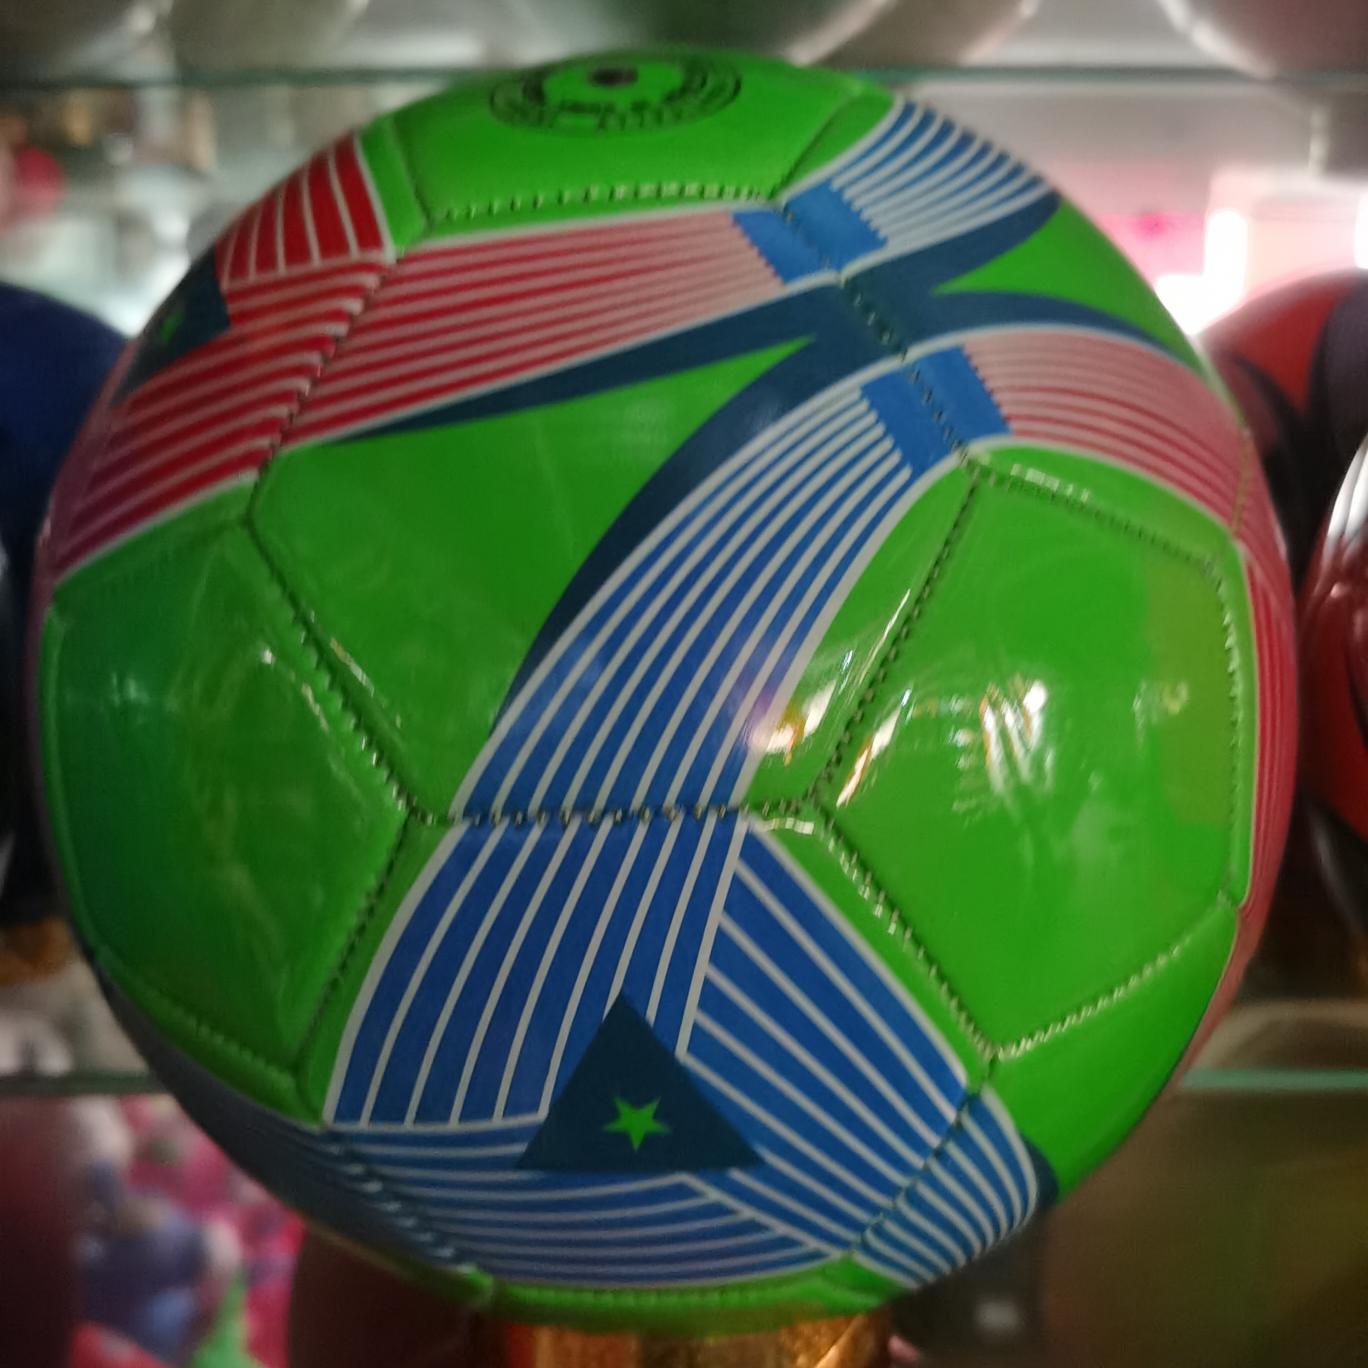 足球1624 运动用品 野外用品 户外用品 体育用品 学生运动必备